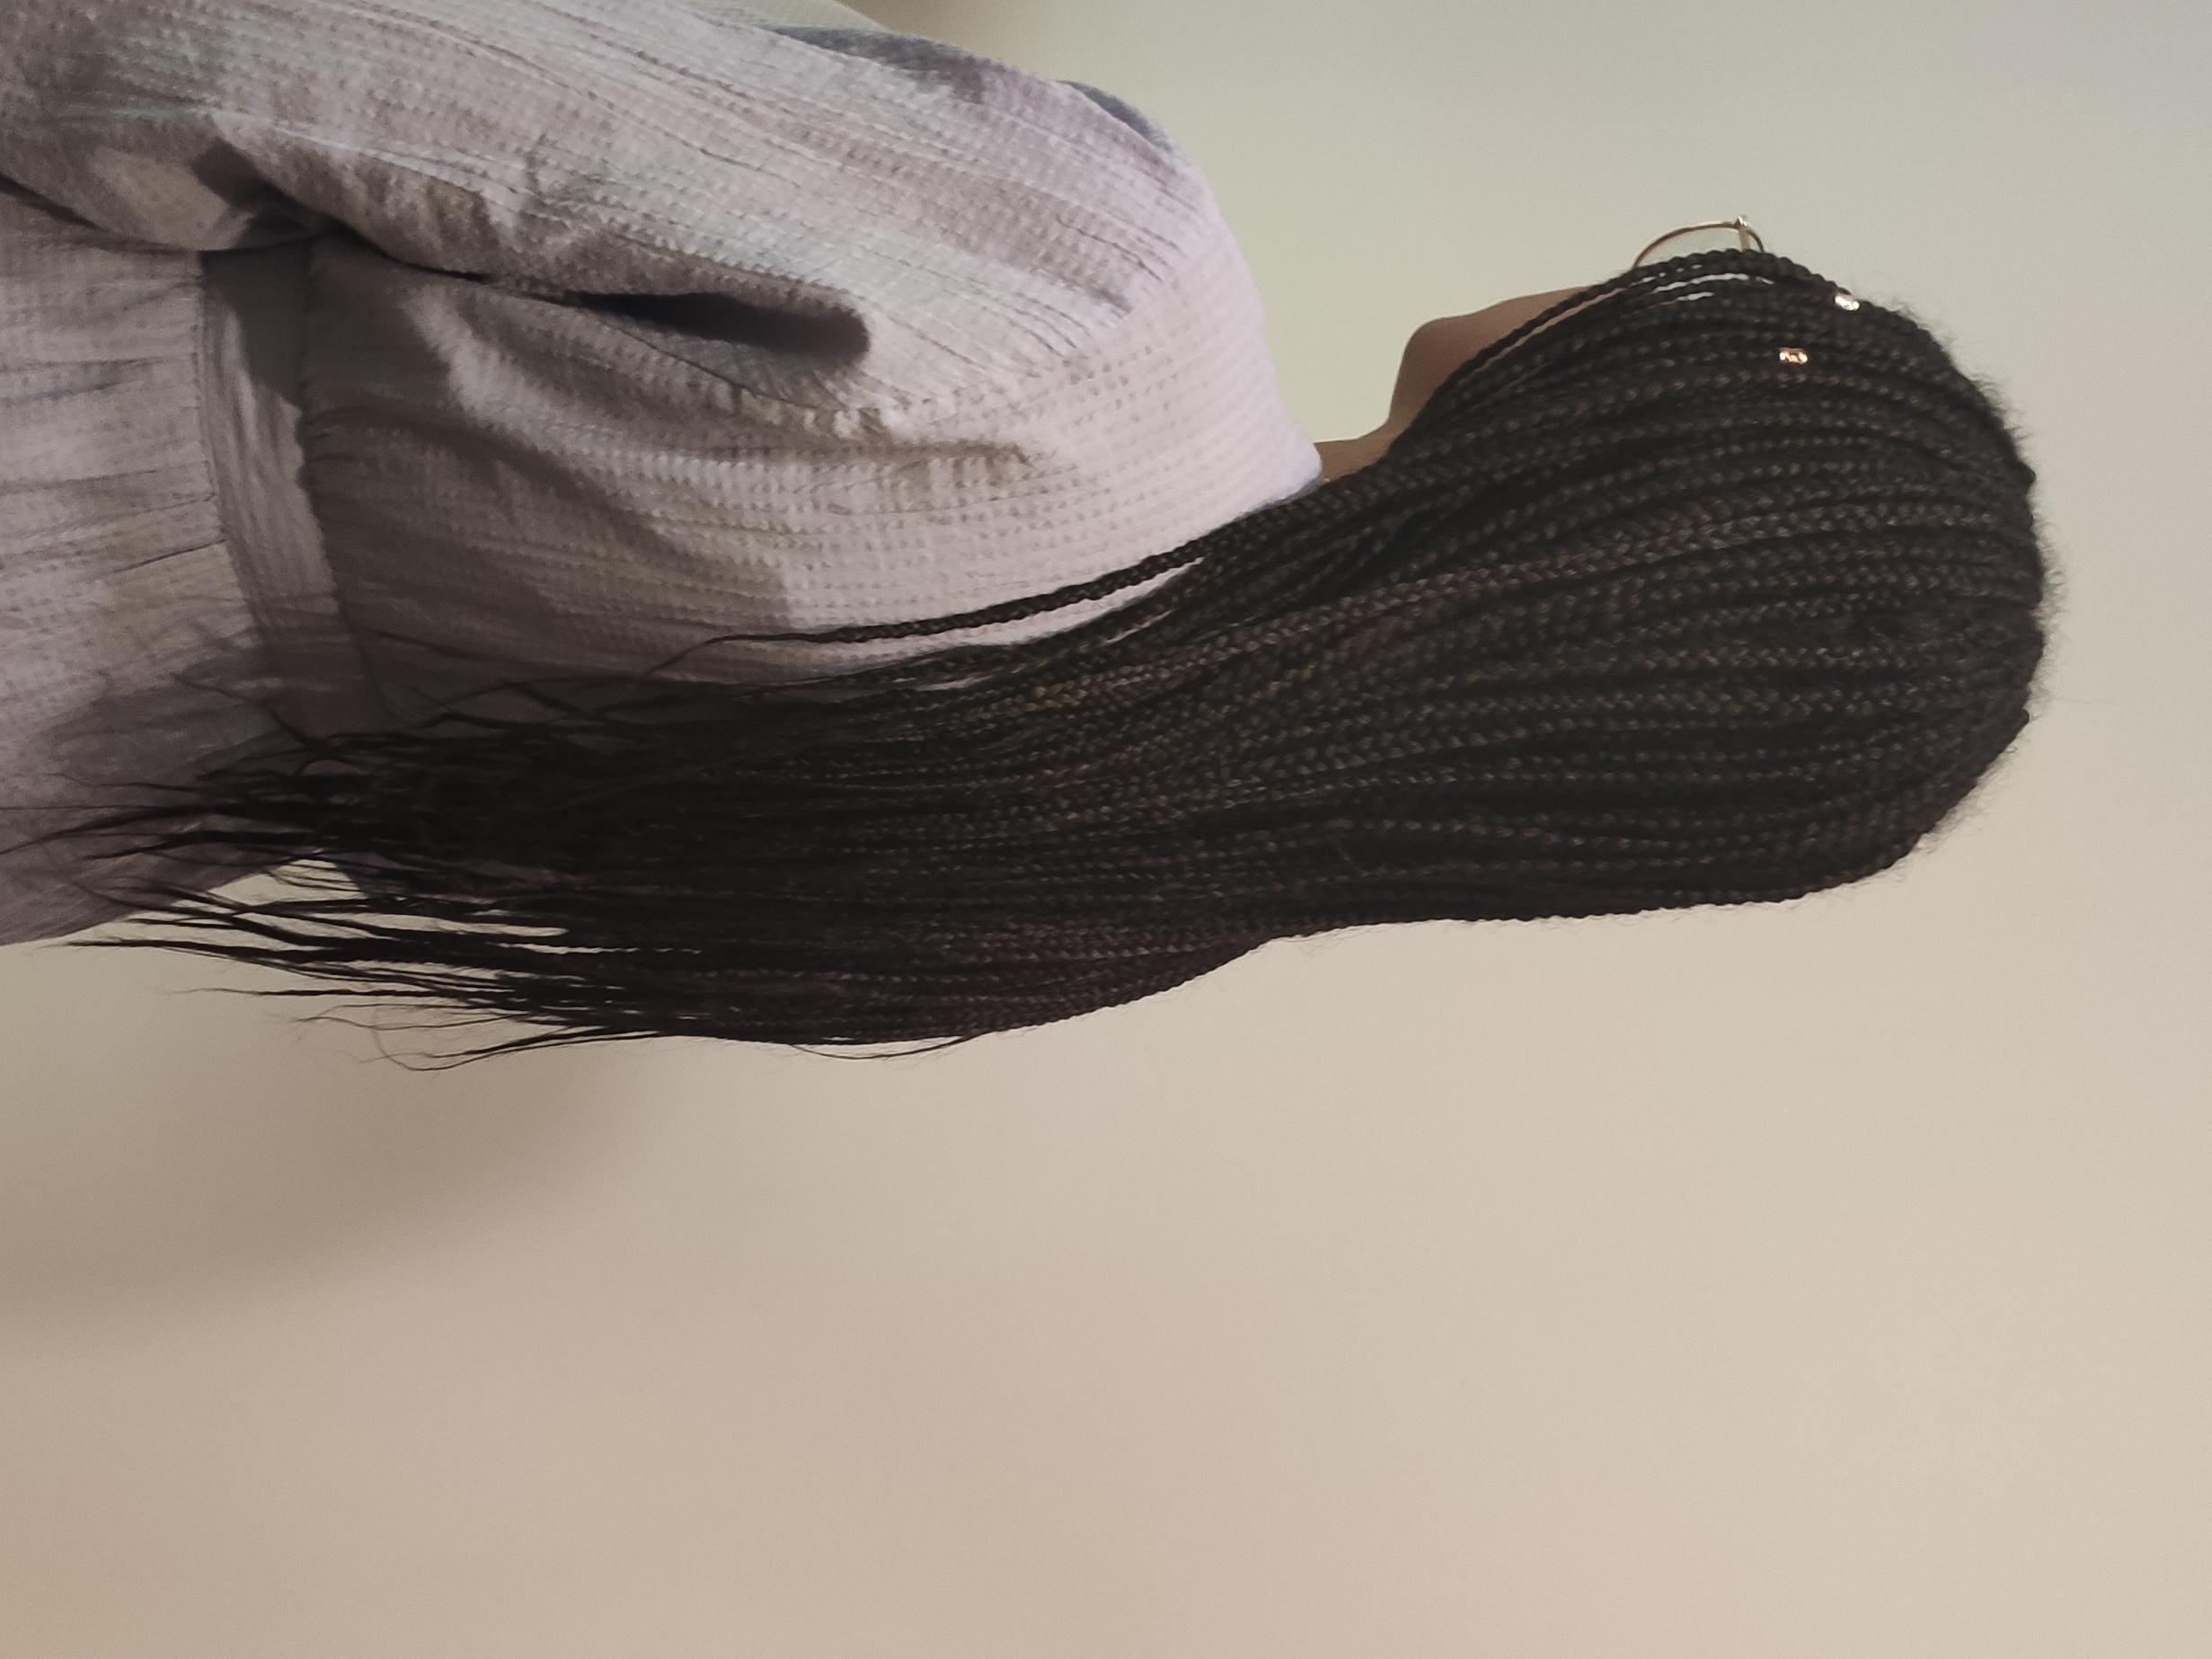 salon de coiffure afro tresse tresses box braids crochet braids vanilles tissages paris 75 77 78 91 92 93 94 95 TGJQORGN